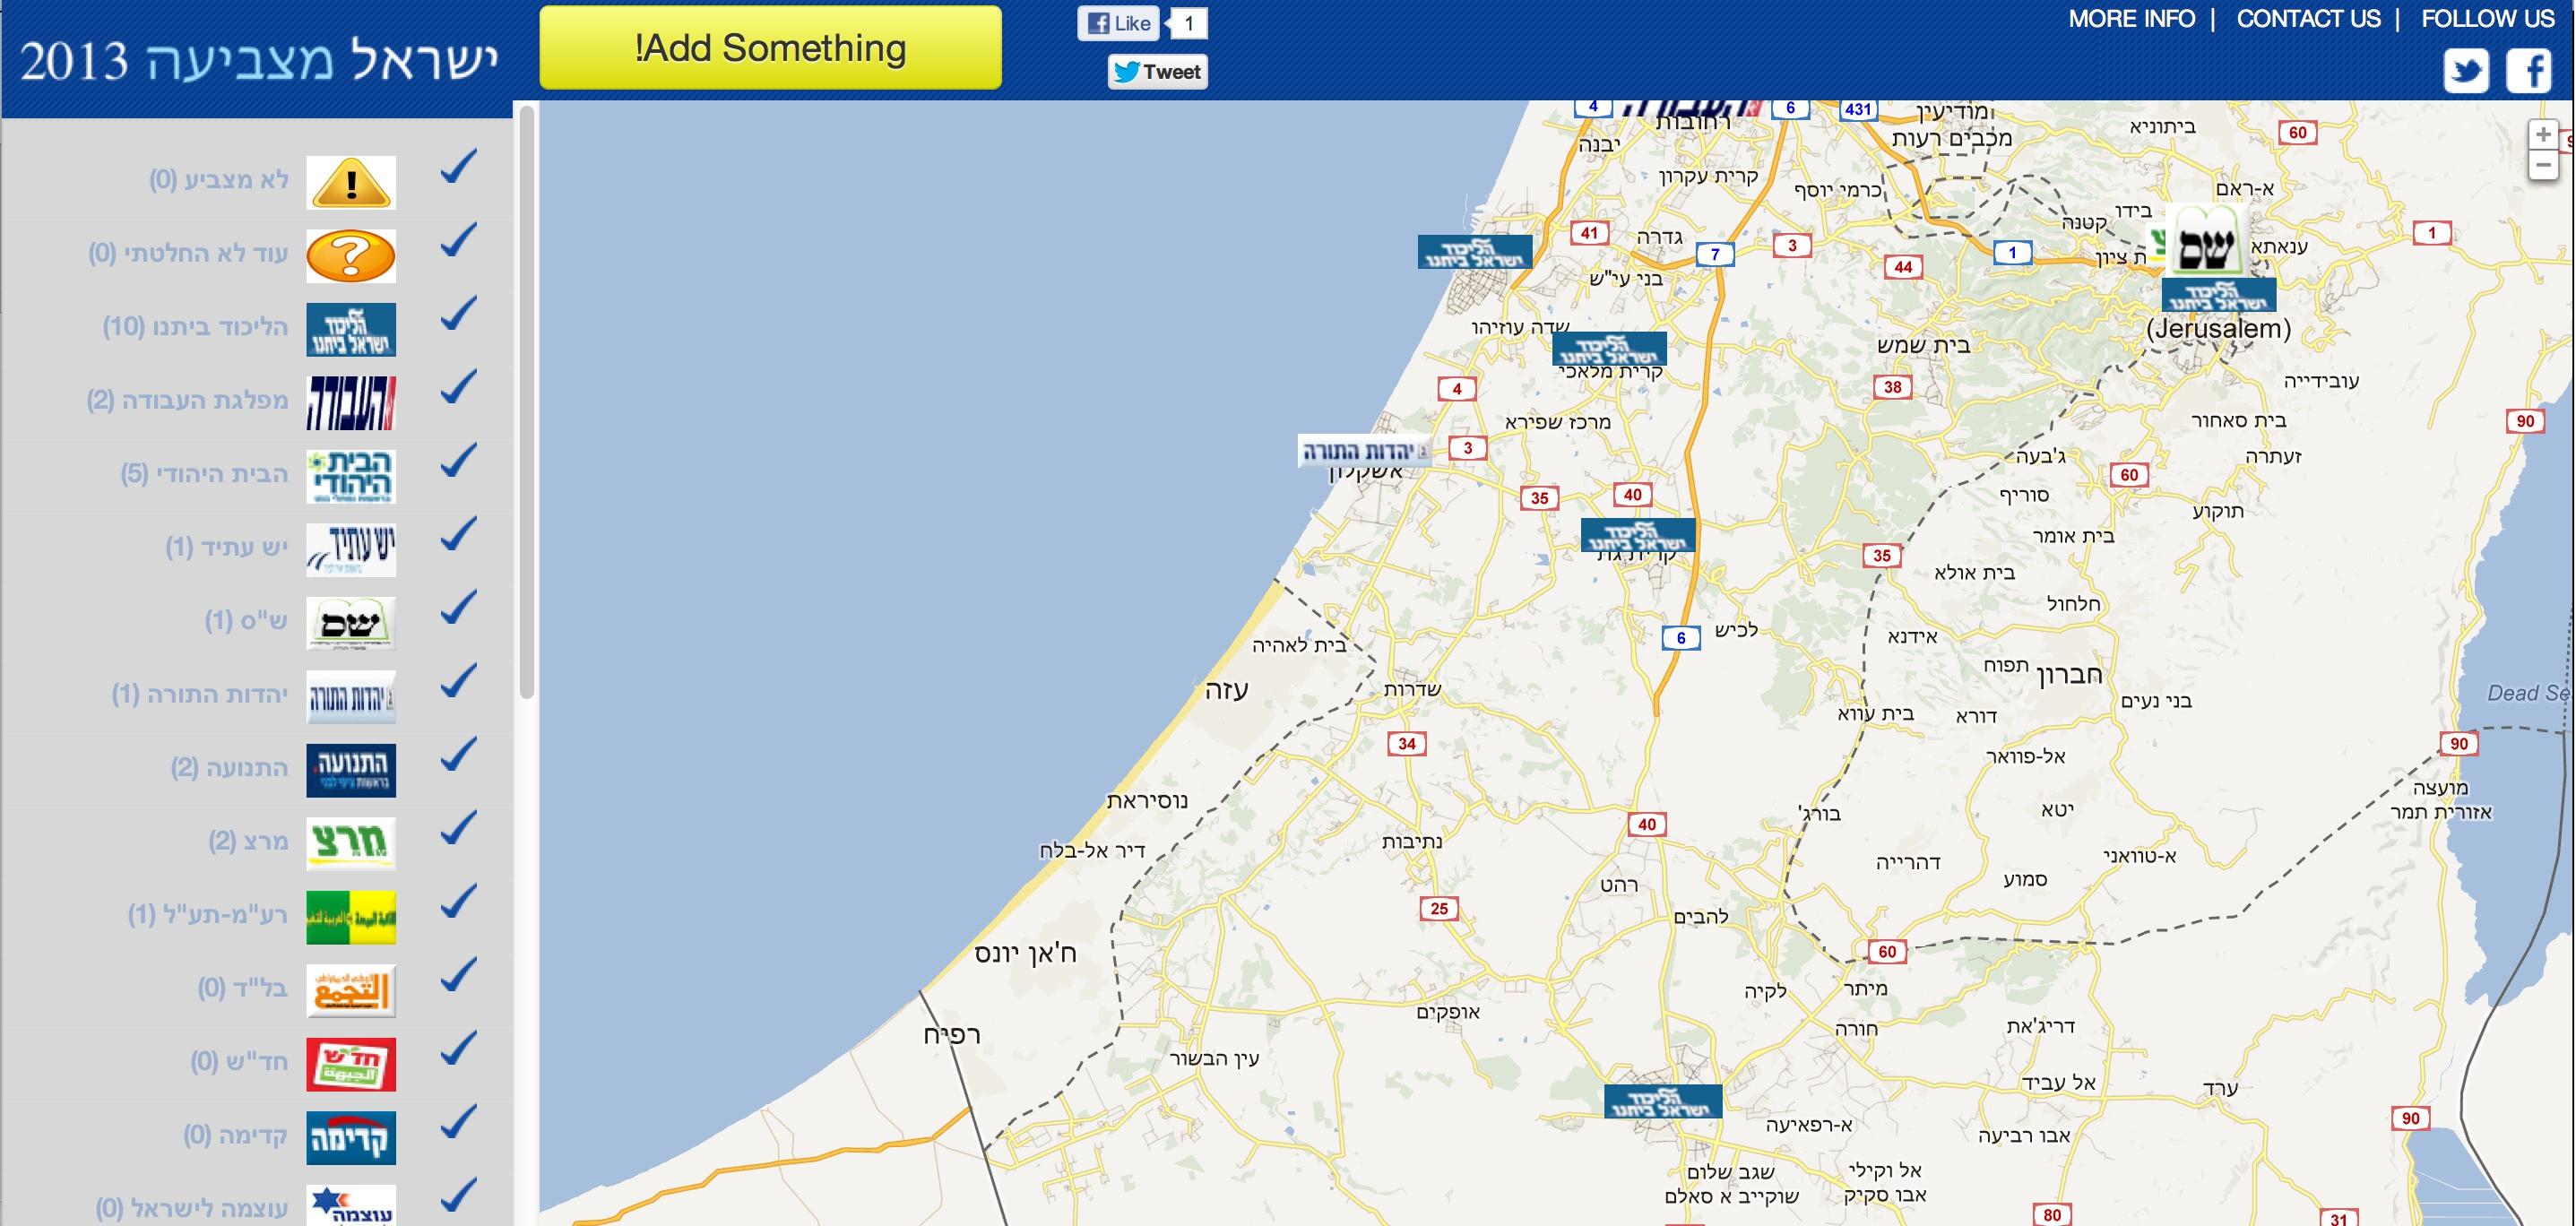 צילום מסך של אתר ישראל מצביעה